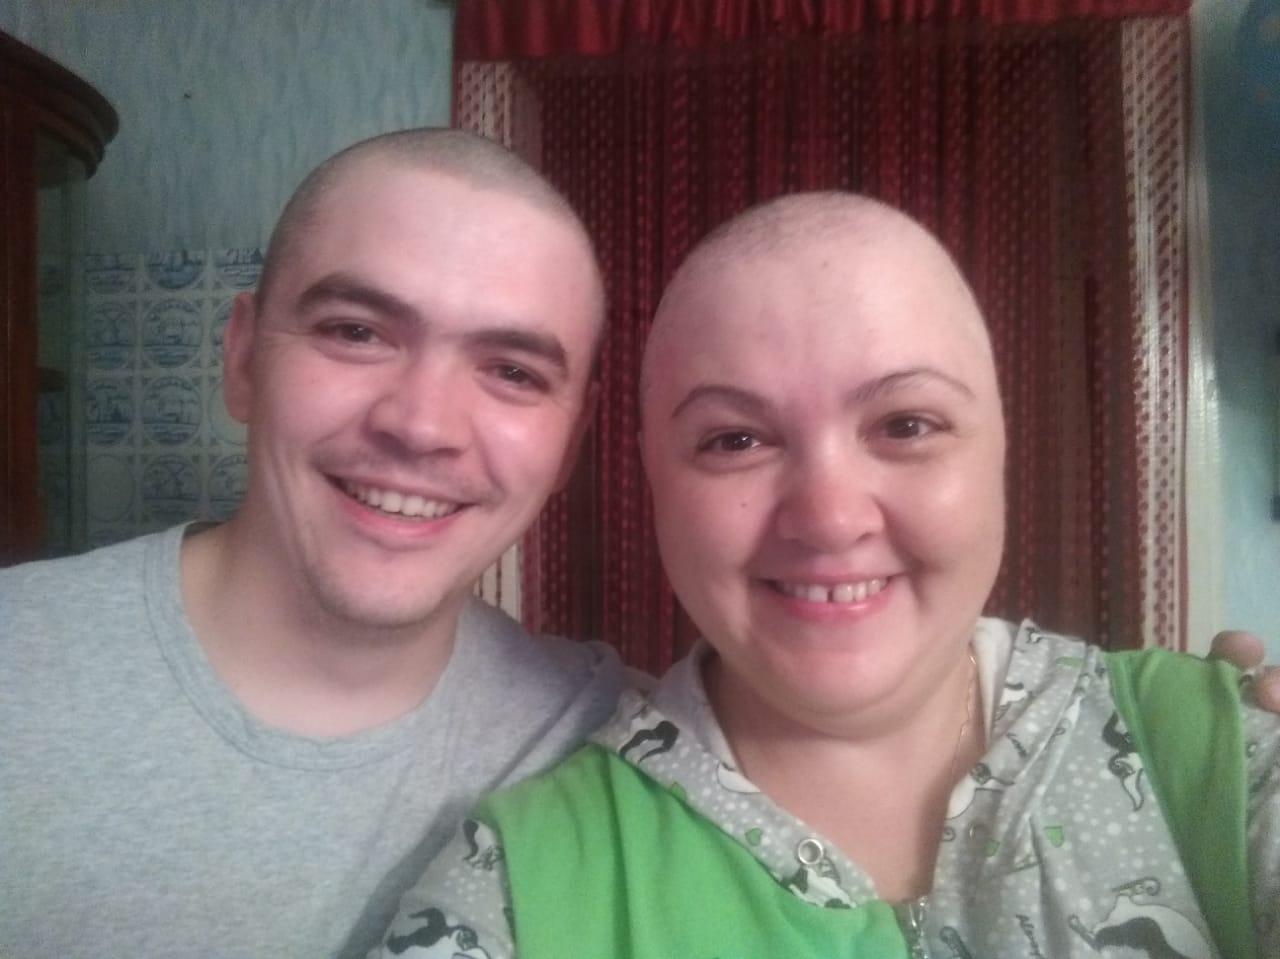 Во время химиотерапии Наталья потеряла волосы. Ее брат тоже побрился налысо—в знак поддержки